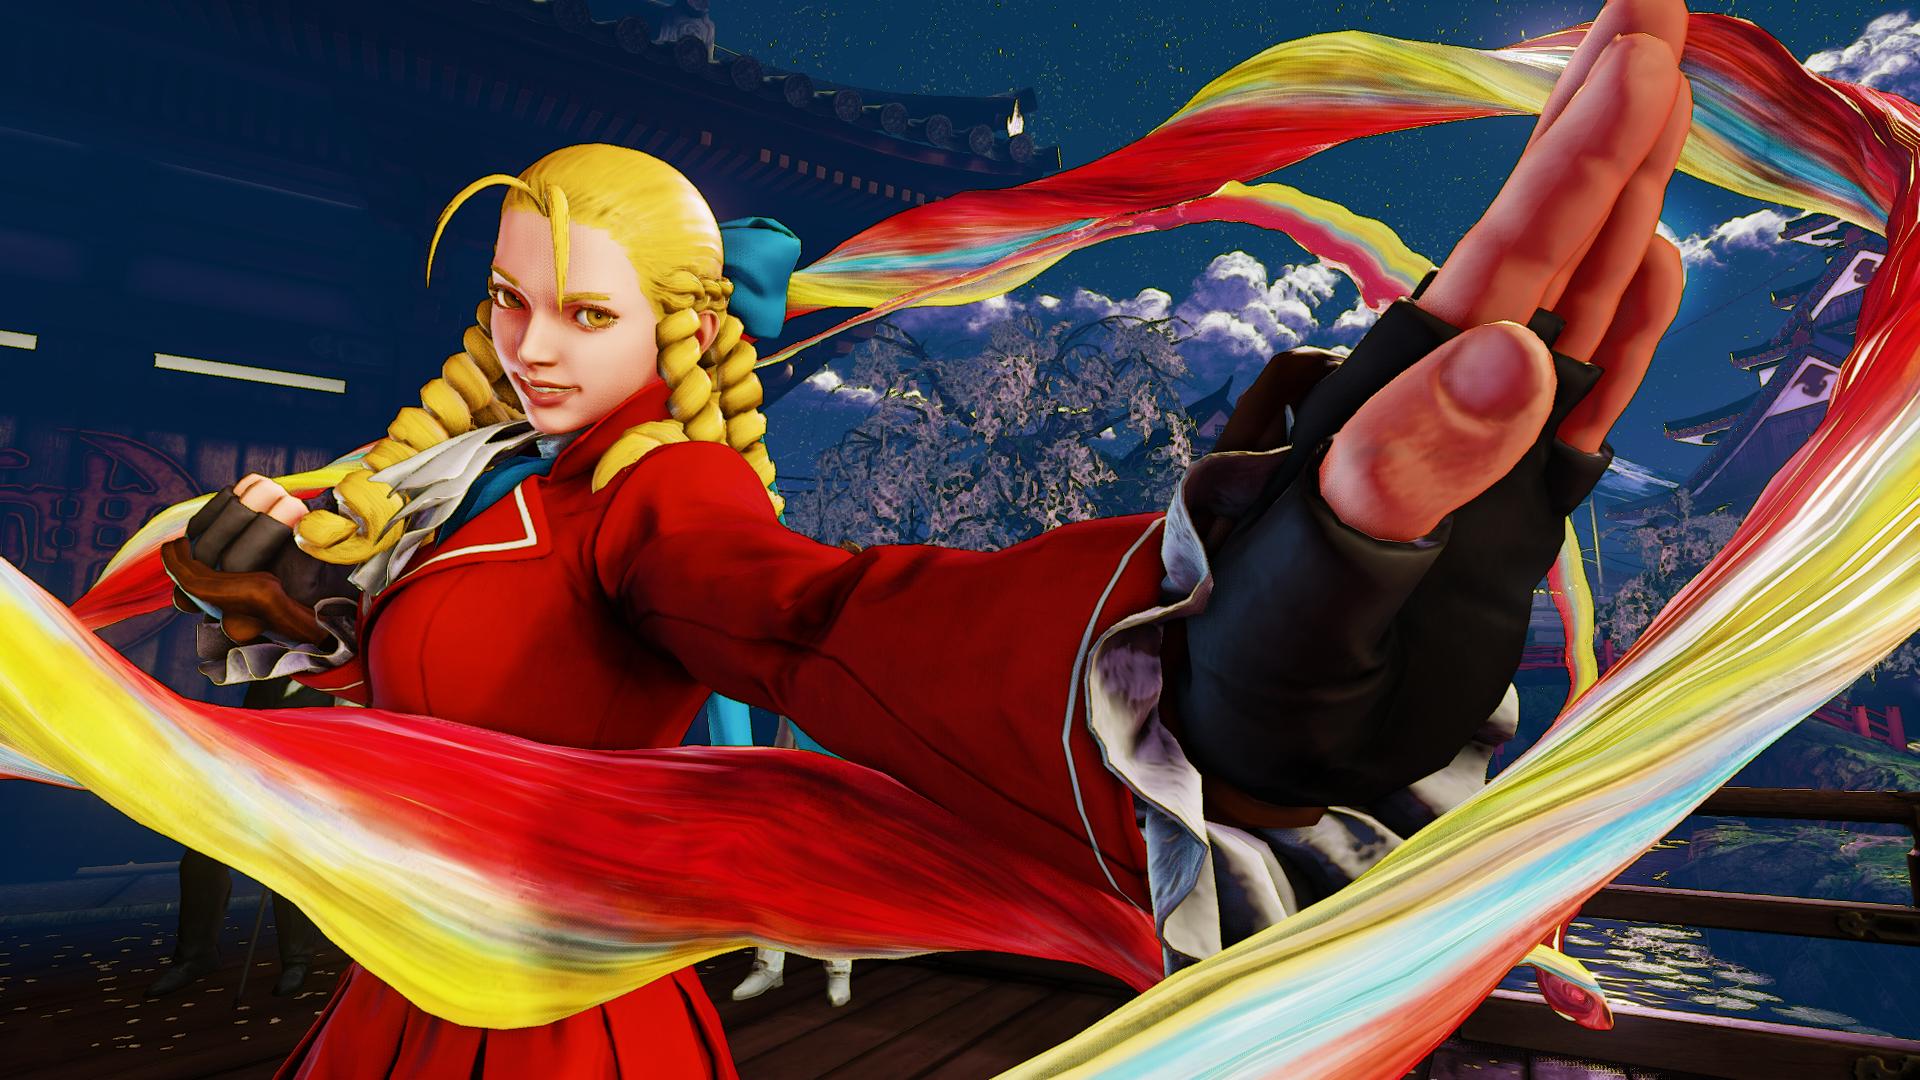 Seznamte se: Karin Kanzuki z bojovky Street Fighter V 114084